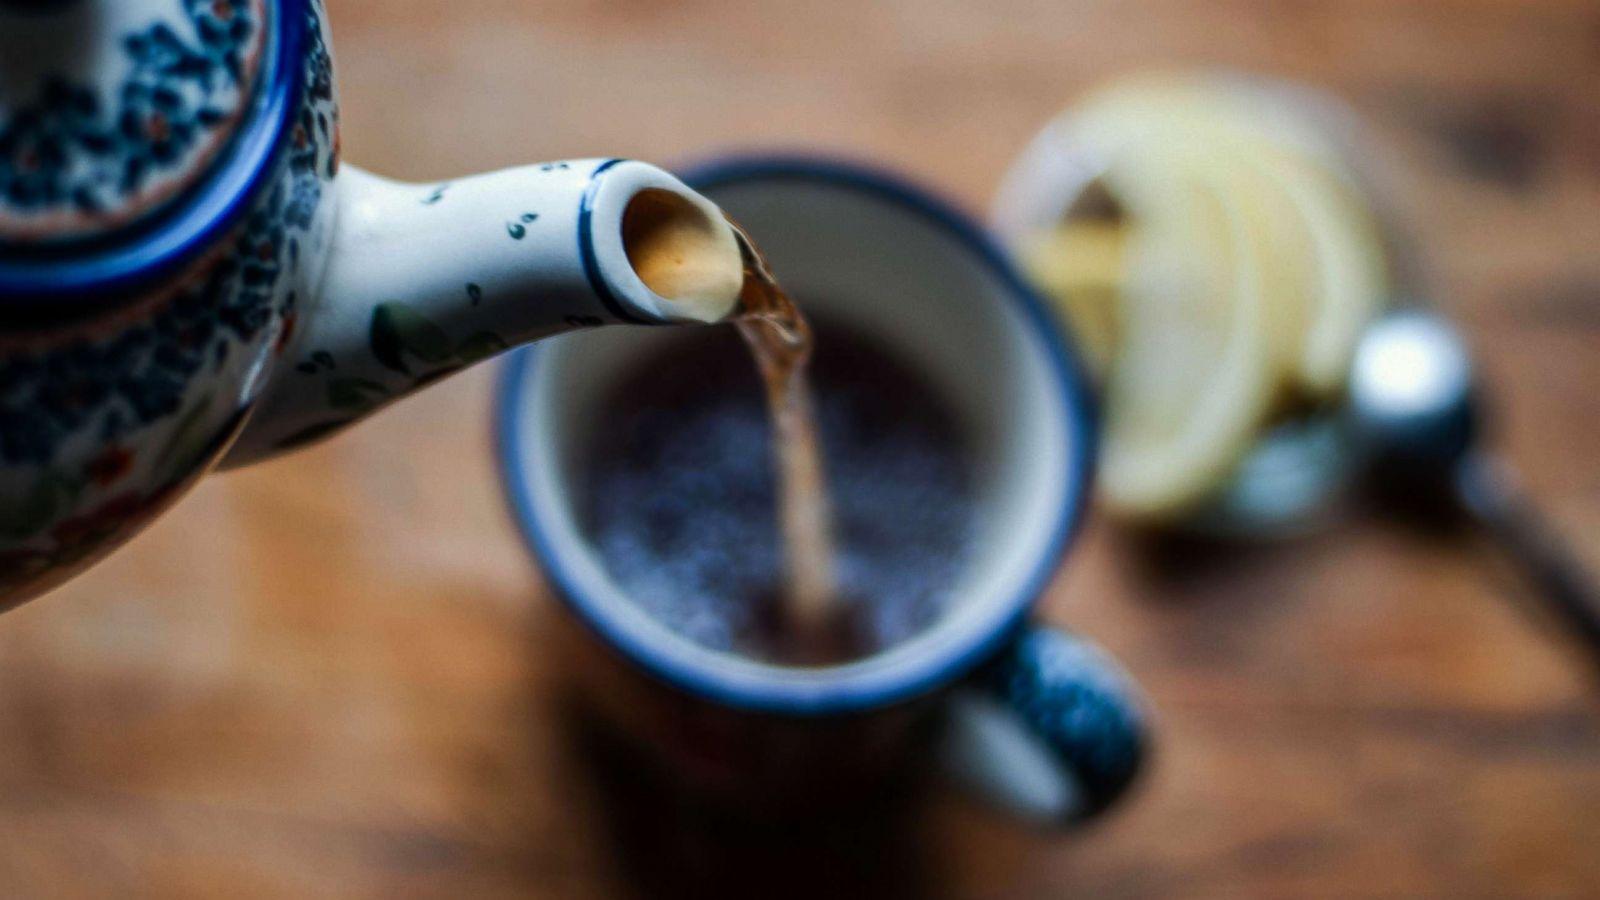 Drink Beverages like Coffee, Tea